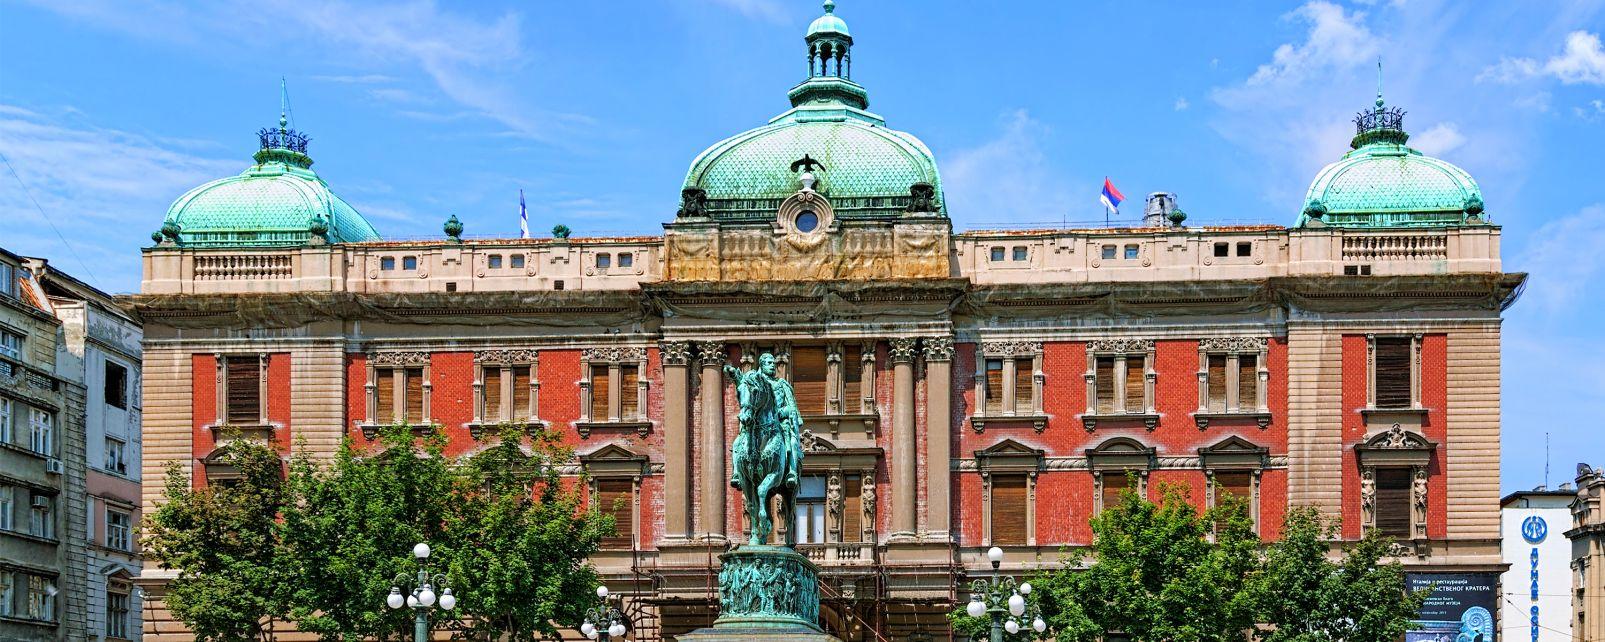 Das Nationalmuseum, Die Museen, Serbien